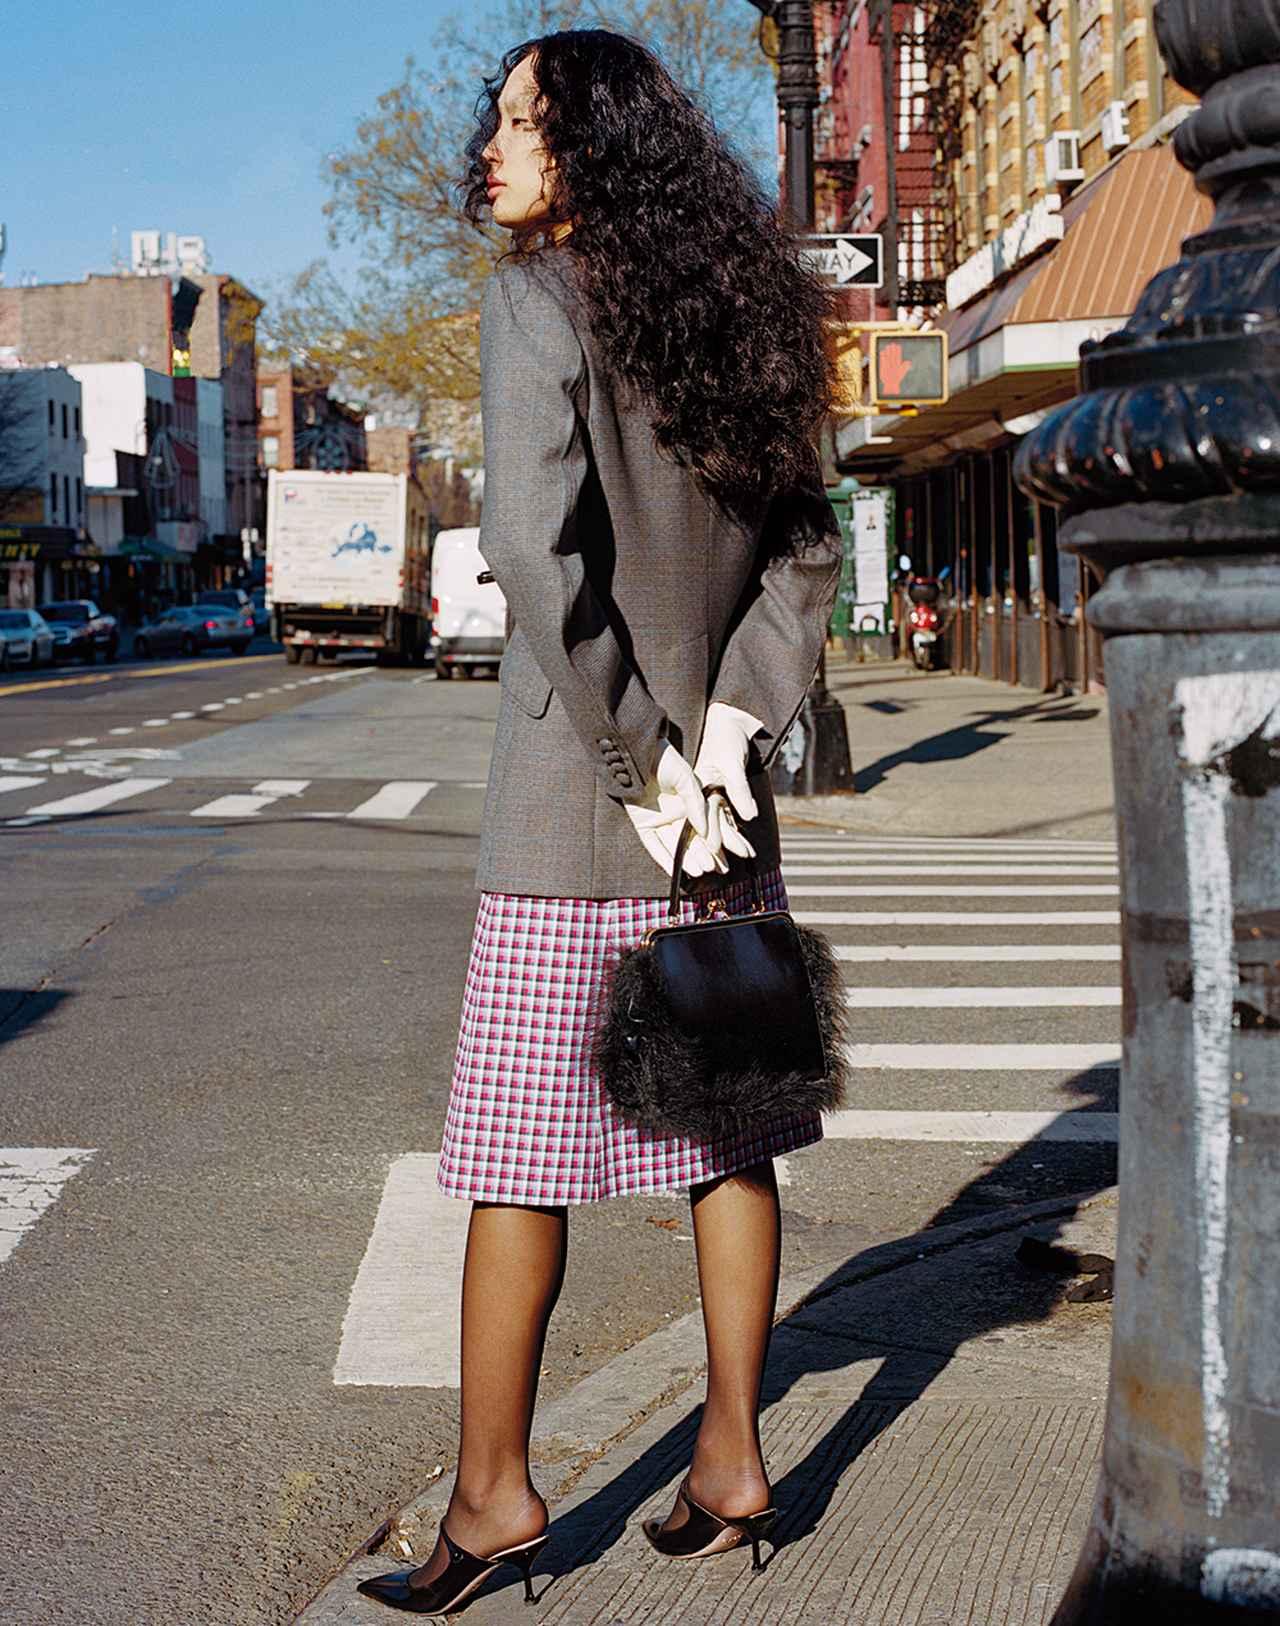 Images : 2番目の画像 - 「日常に華麗なるカオスを。 パワフルに着こなす 「レディ・ライク」」のアルバム - T JAPAN:The New York Times Style Magazine 公式サイト